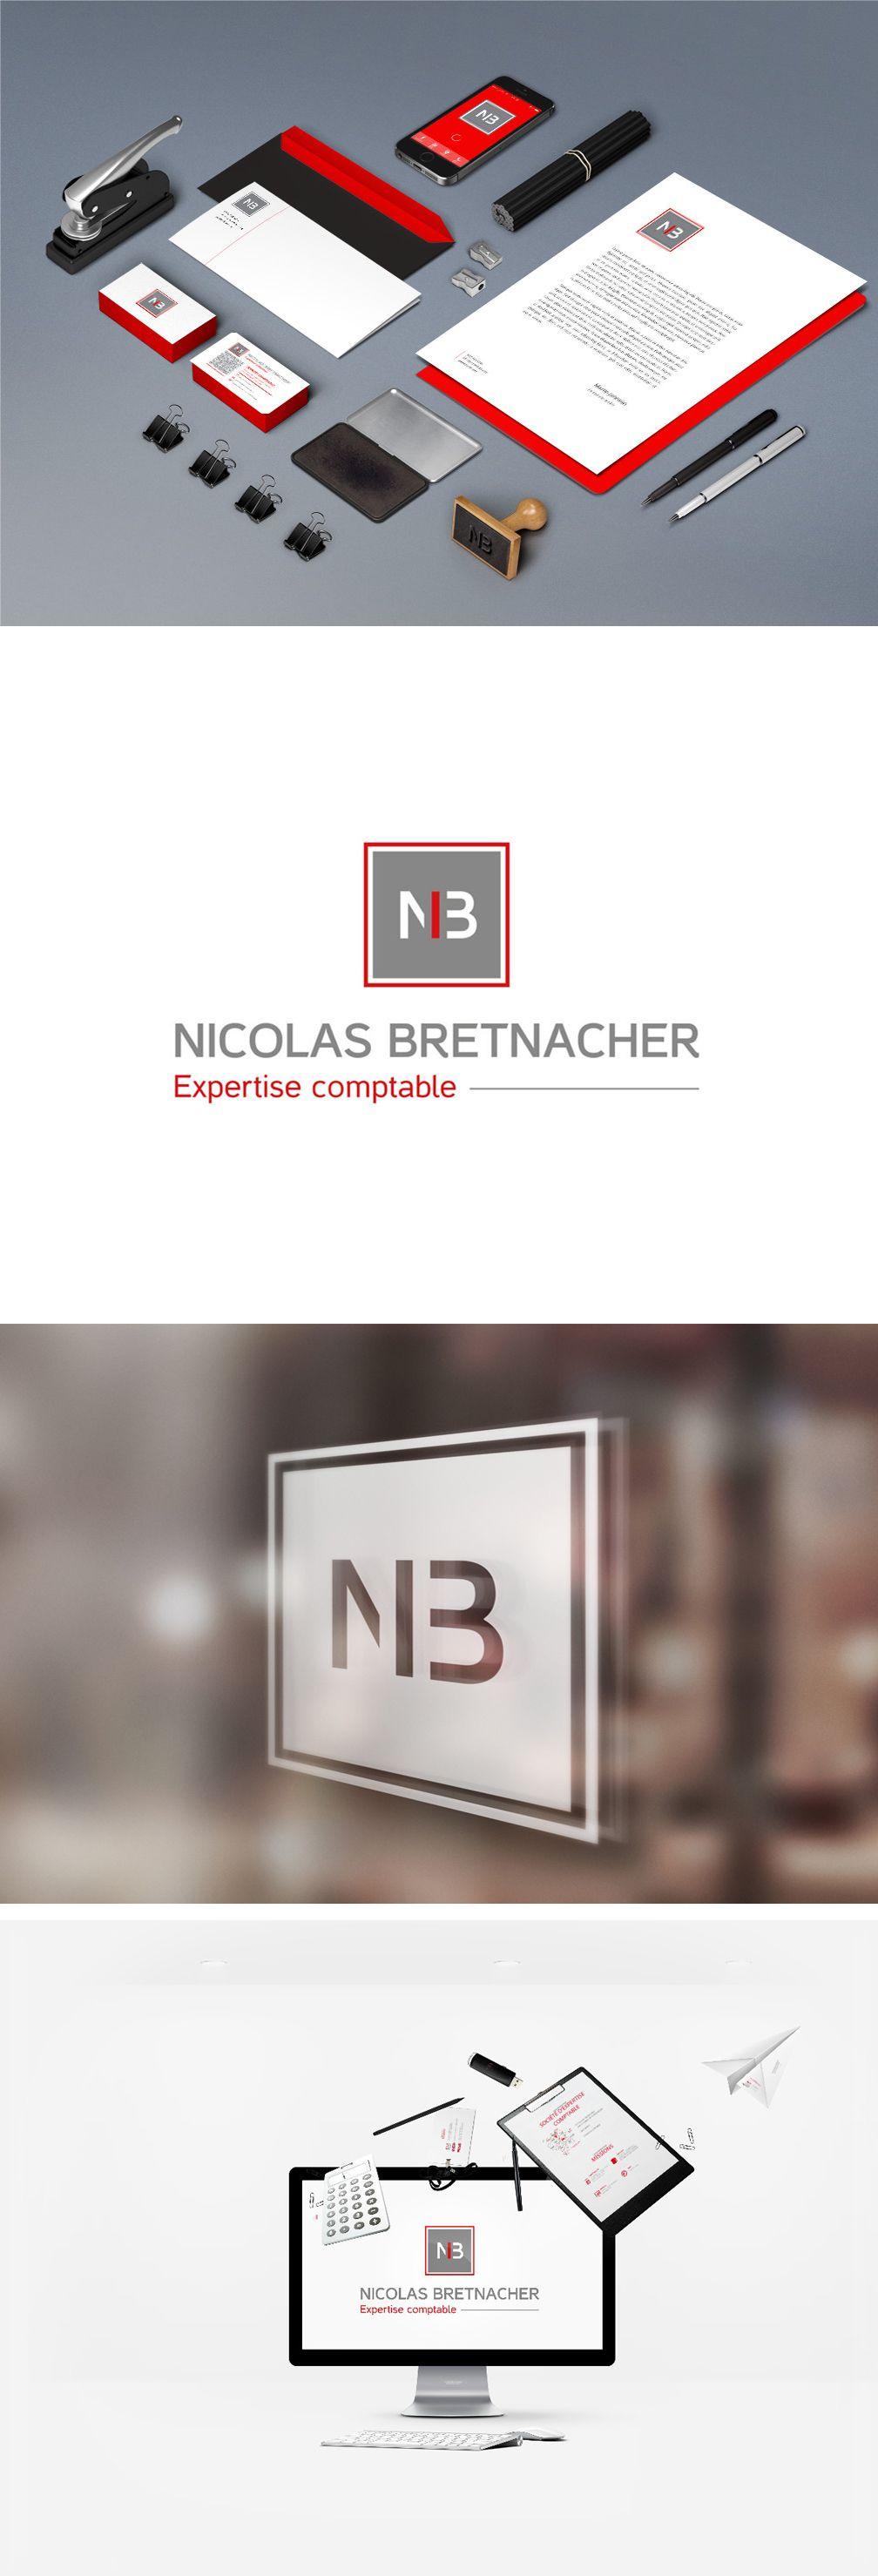 Le cabinet Nicolas Bretnacher est une société d\'expertise comptable ...